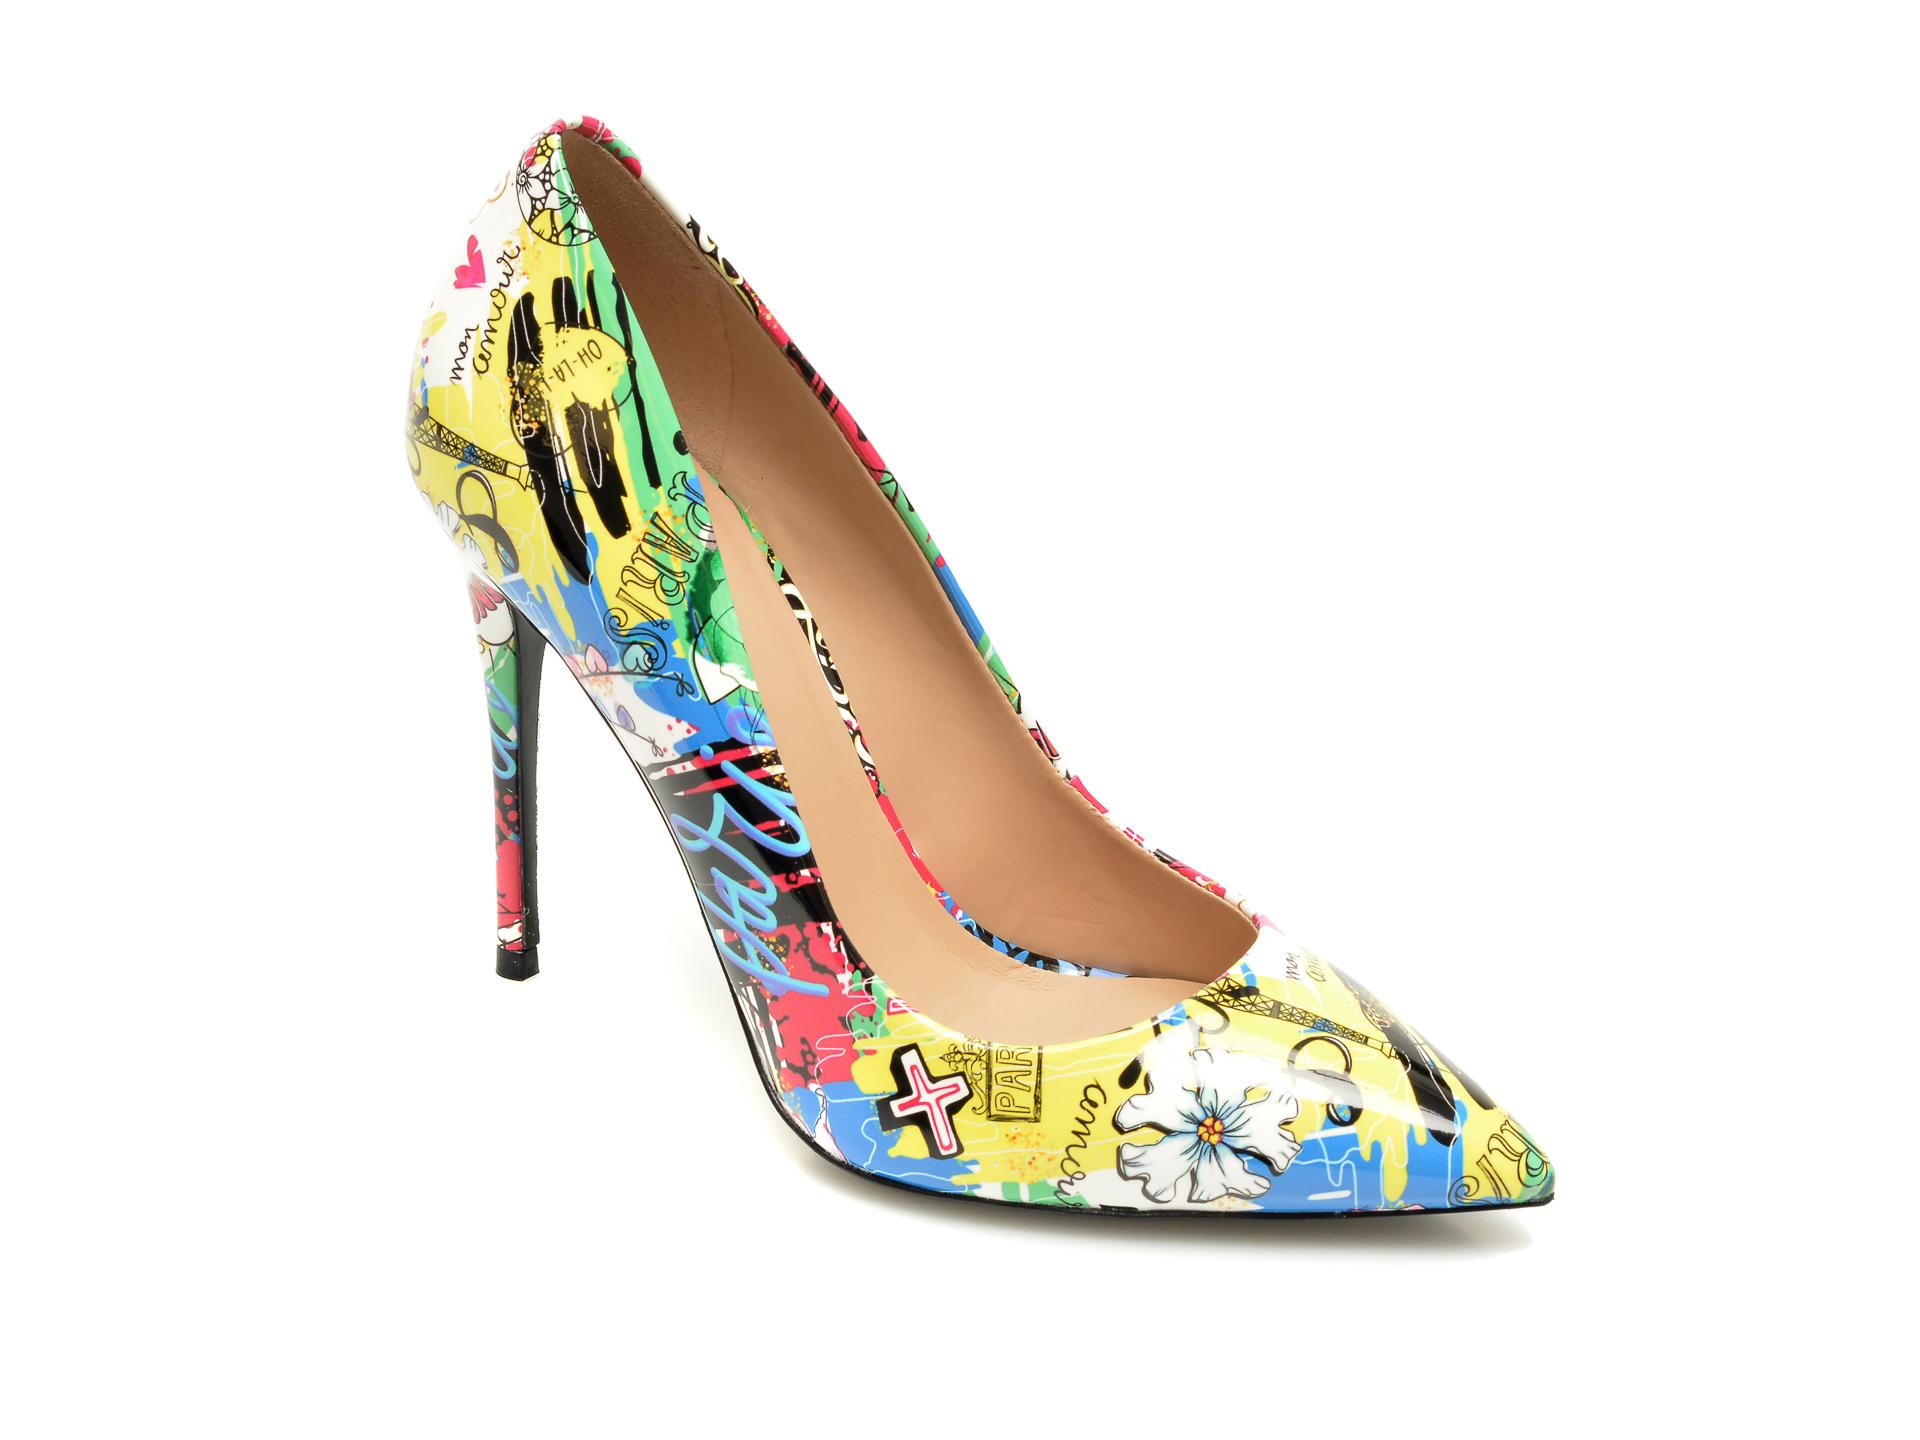 Pantofi ALDO multicolor, Stessy_960, din piele ecologica